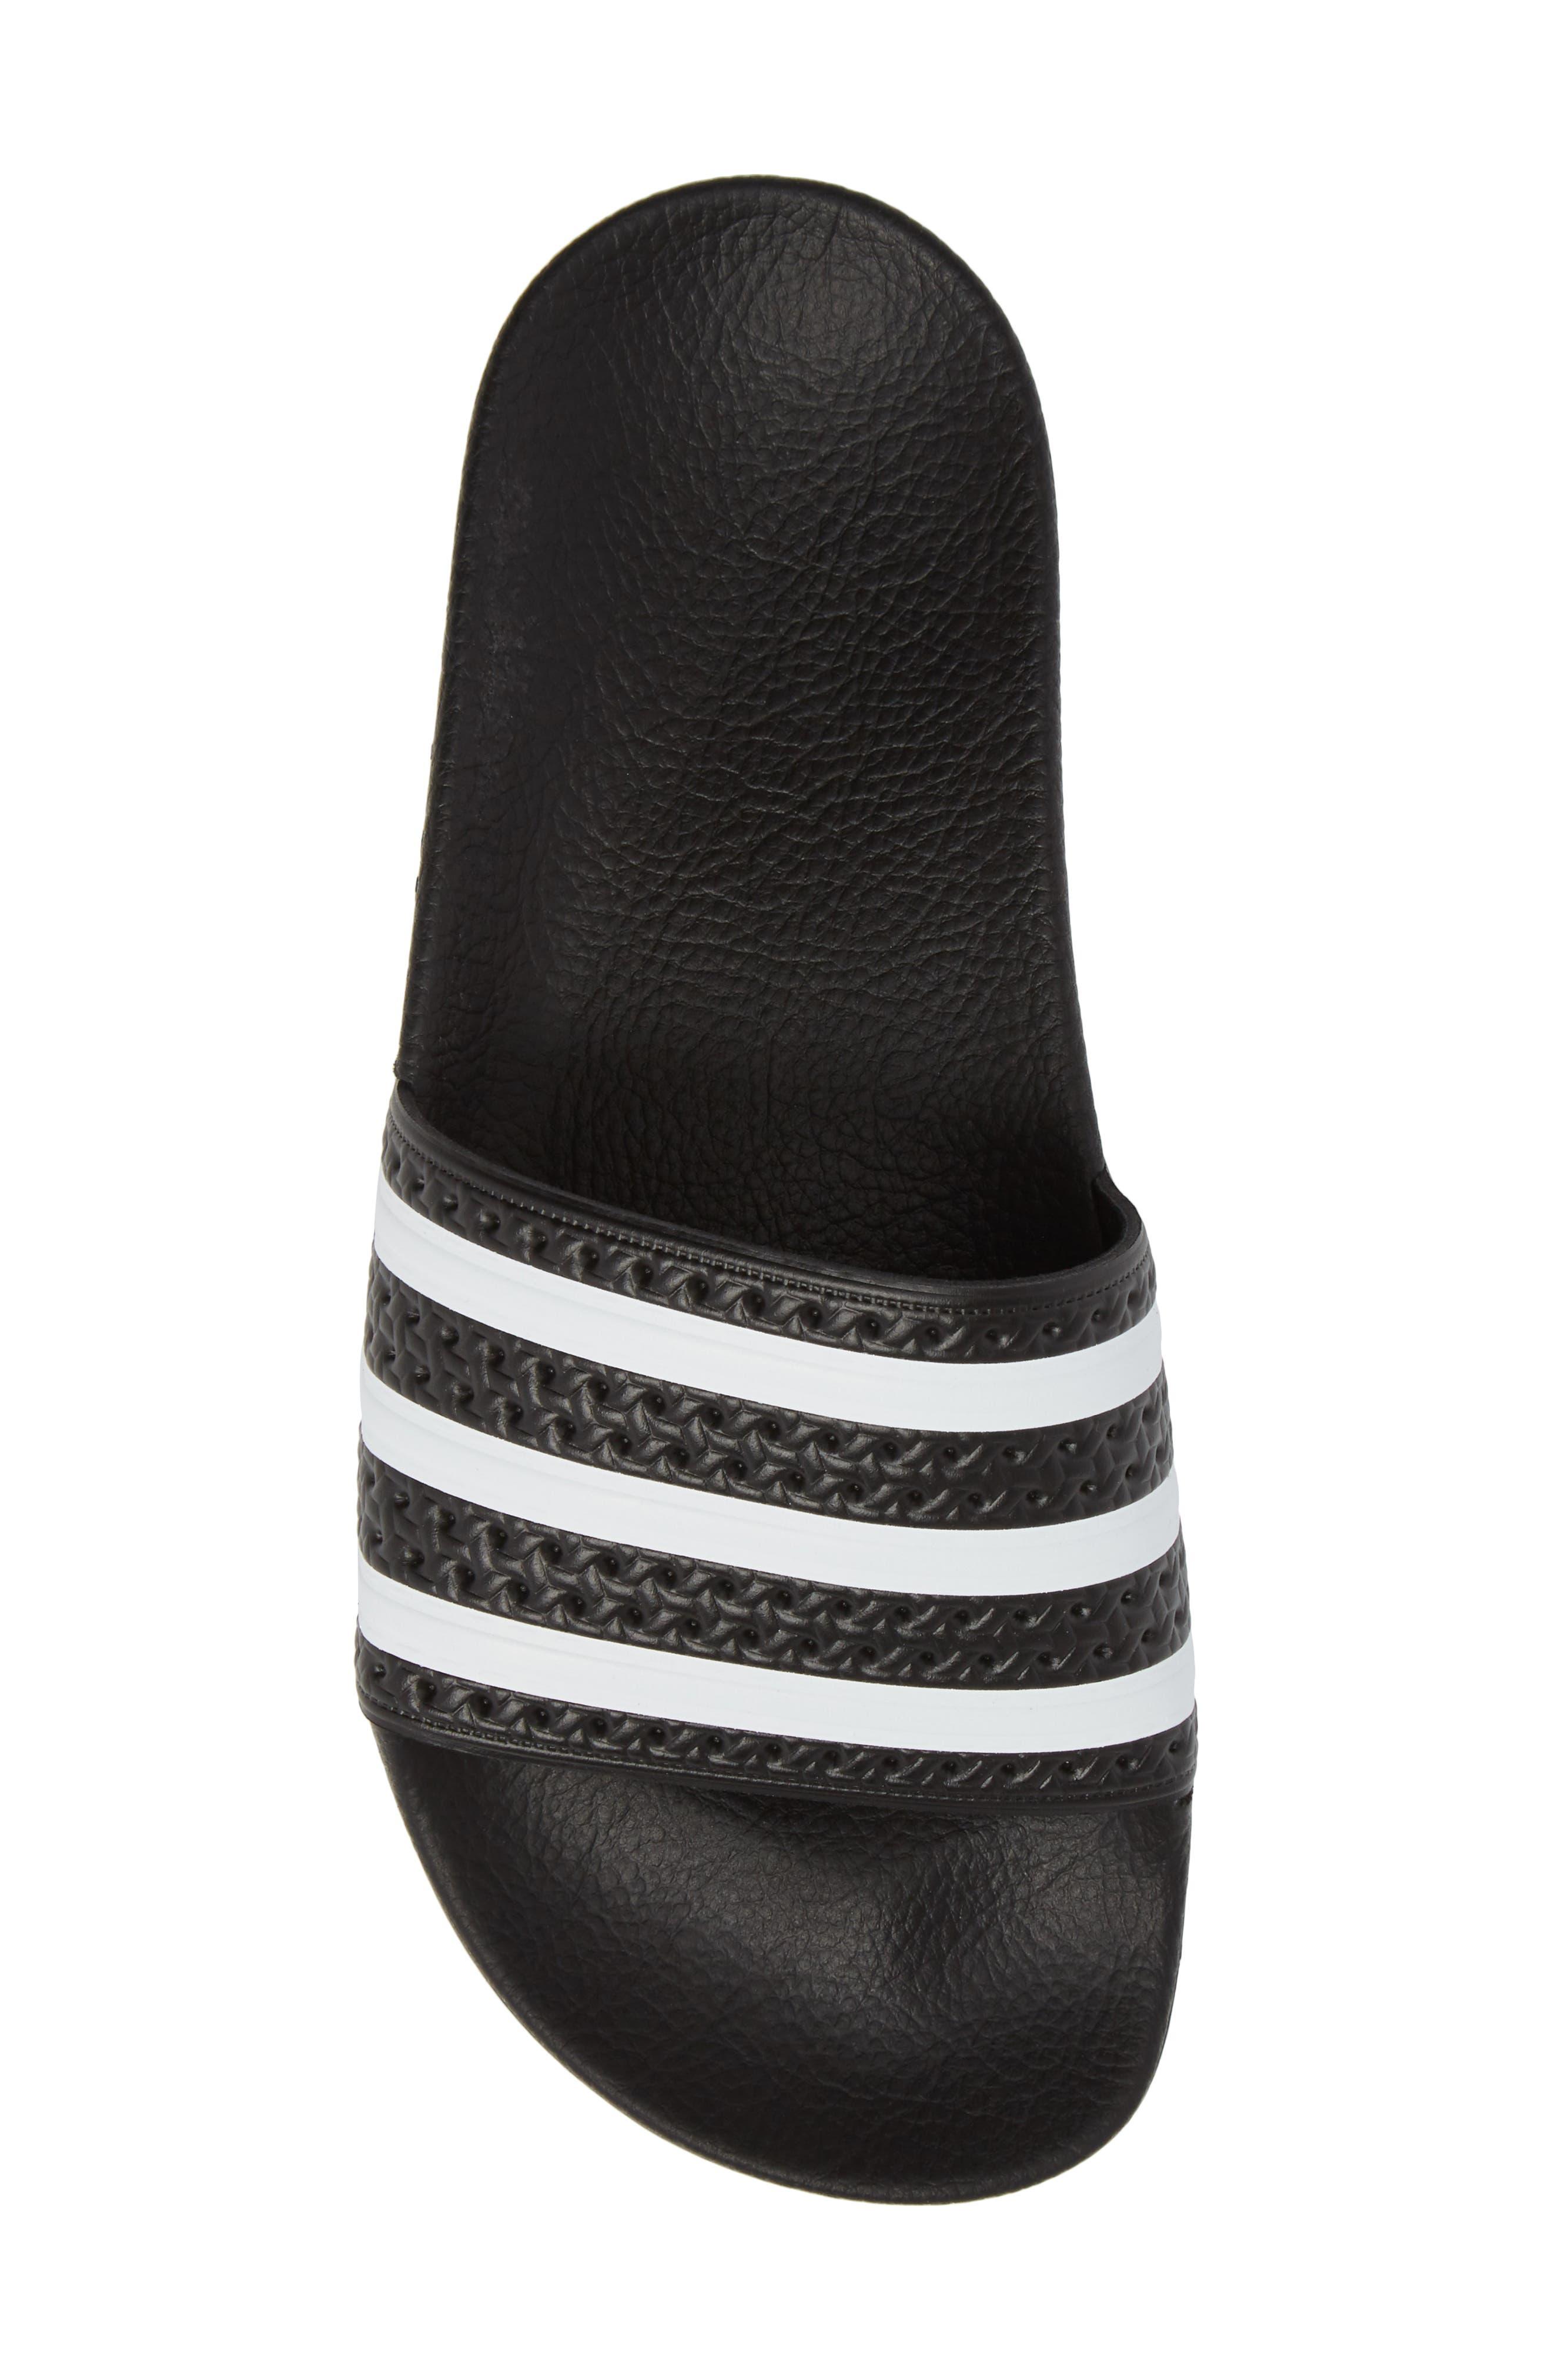 'Adilette' Slide Sandal,                             Alternate thumbnail 5, color,                             CORE BLACK/ WHITE/ CORE BLACK